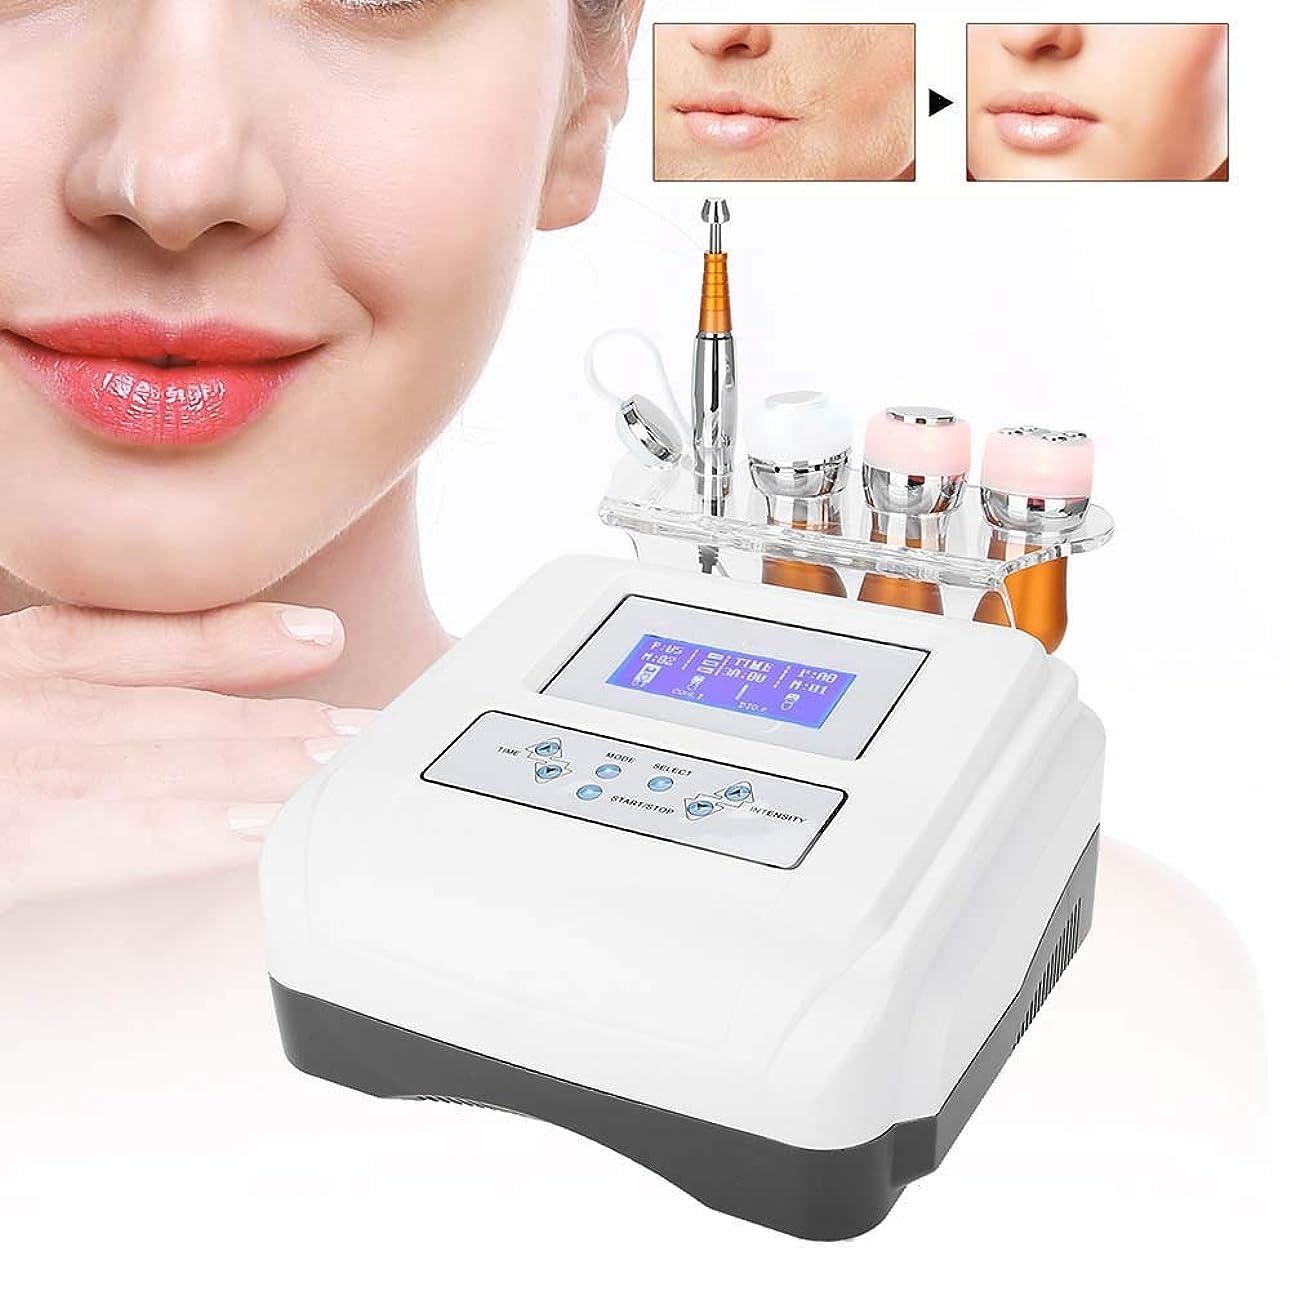 不安アライメント正午多機能顔美容機、若返り肌アンチエイジングリフトスキンのための高周波肌引き締め冷凍美容デバイス、アイバッグとアイサークル(01)